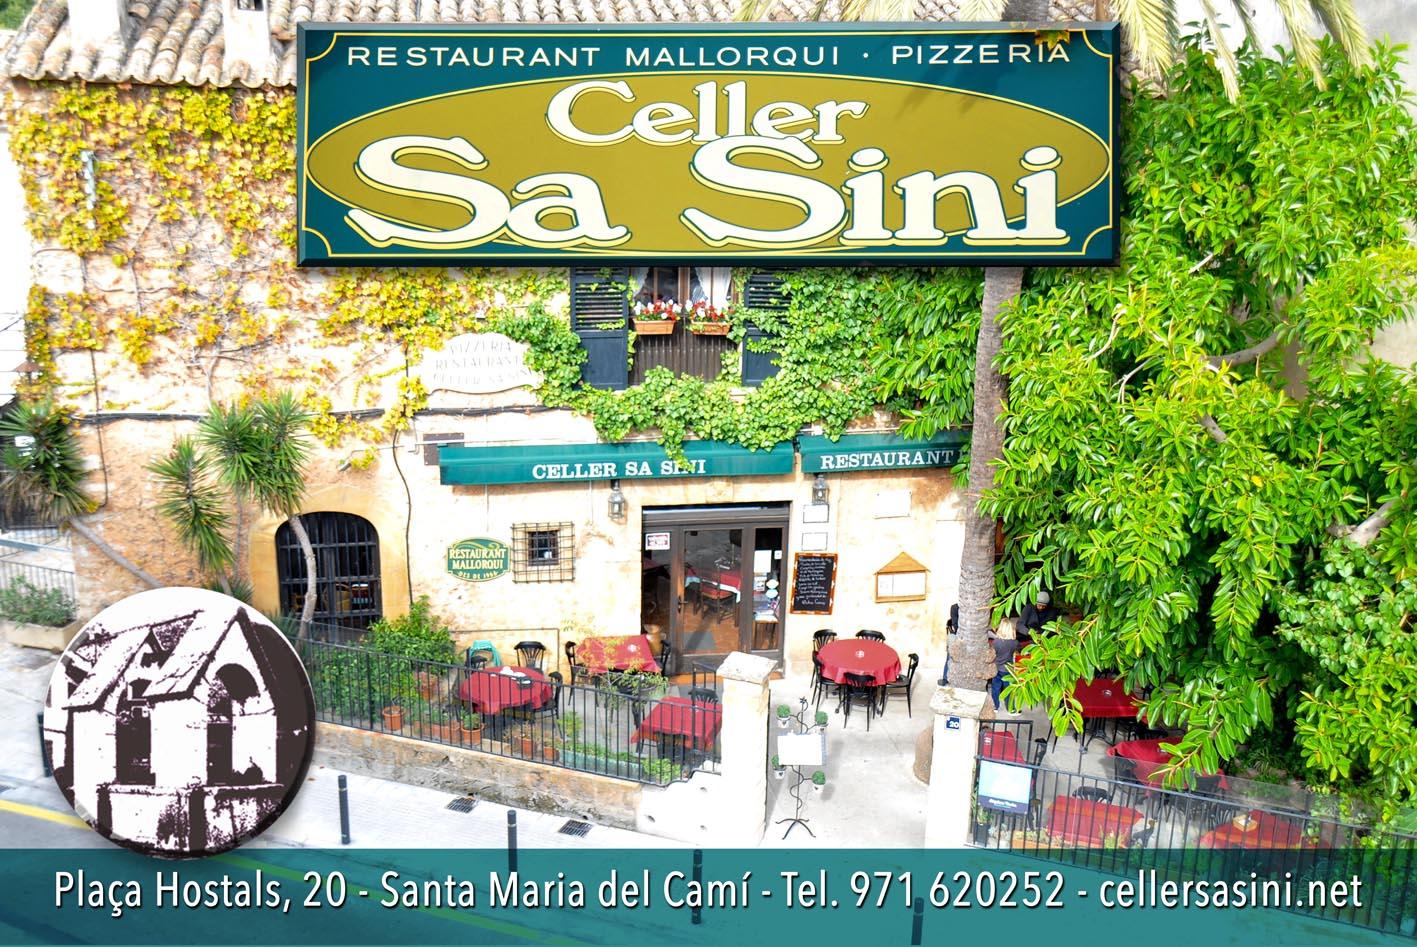 Sa Sini Restaurant Pizzeria